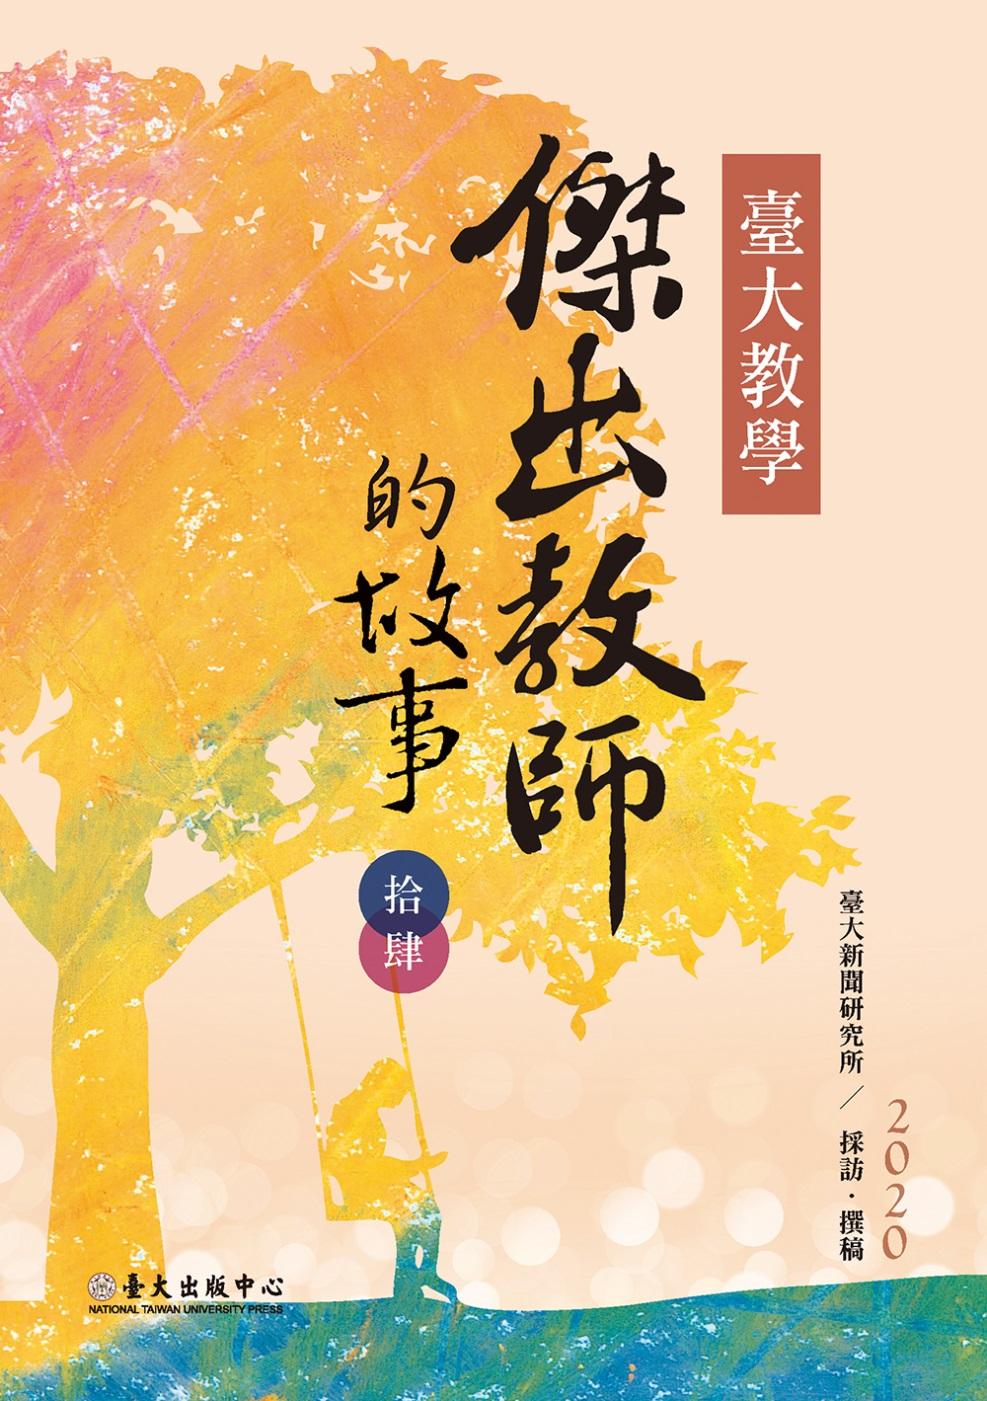 臺大教學傑出教師的故事14